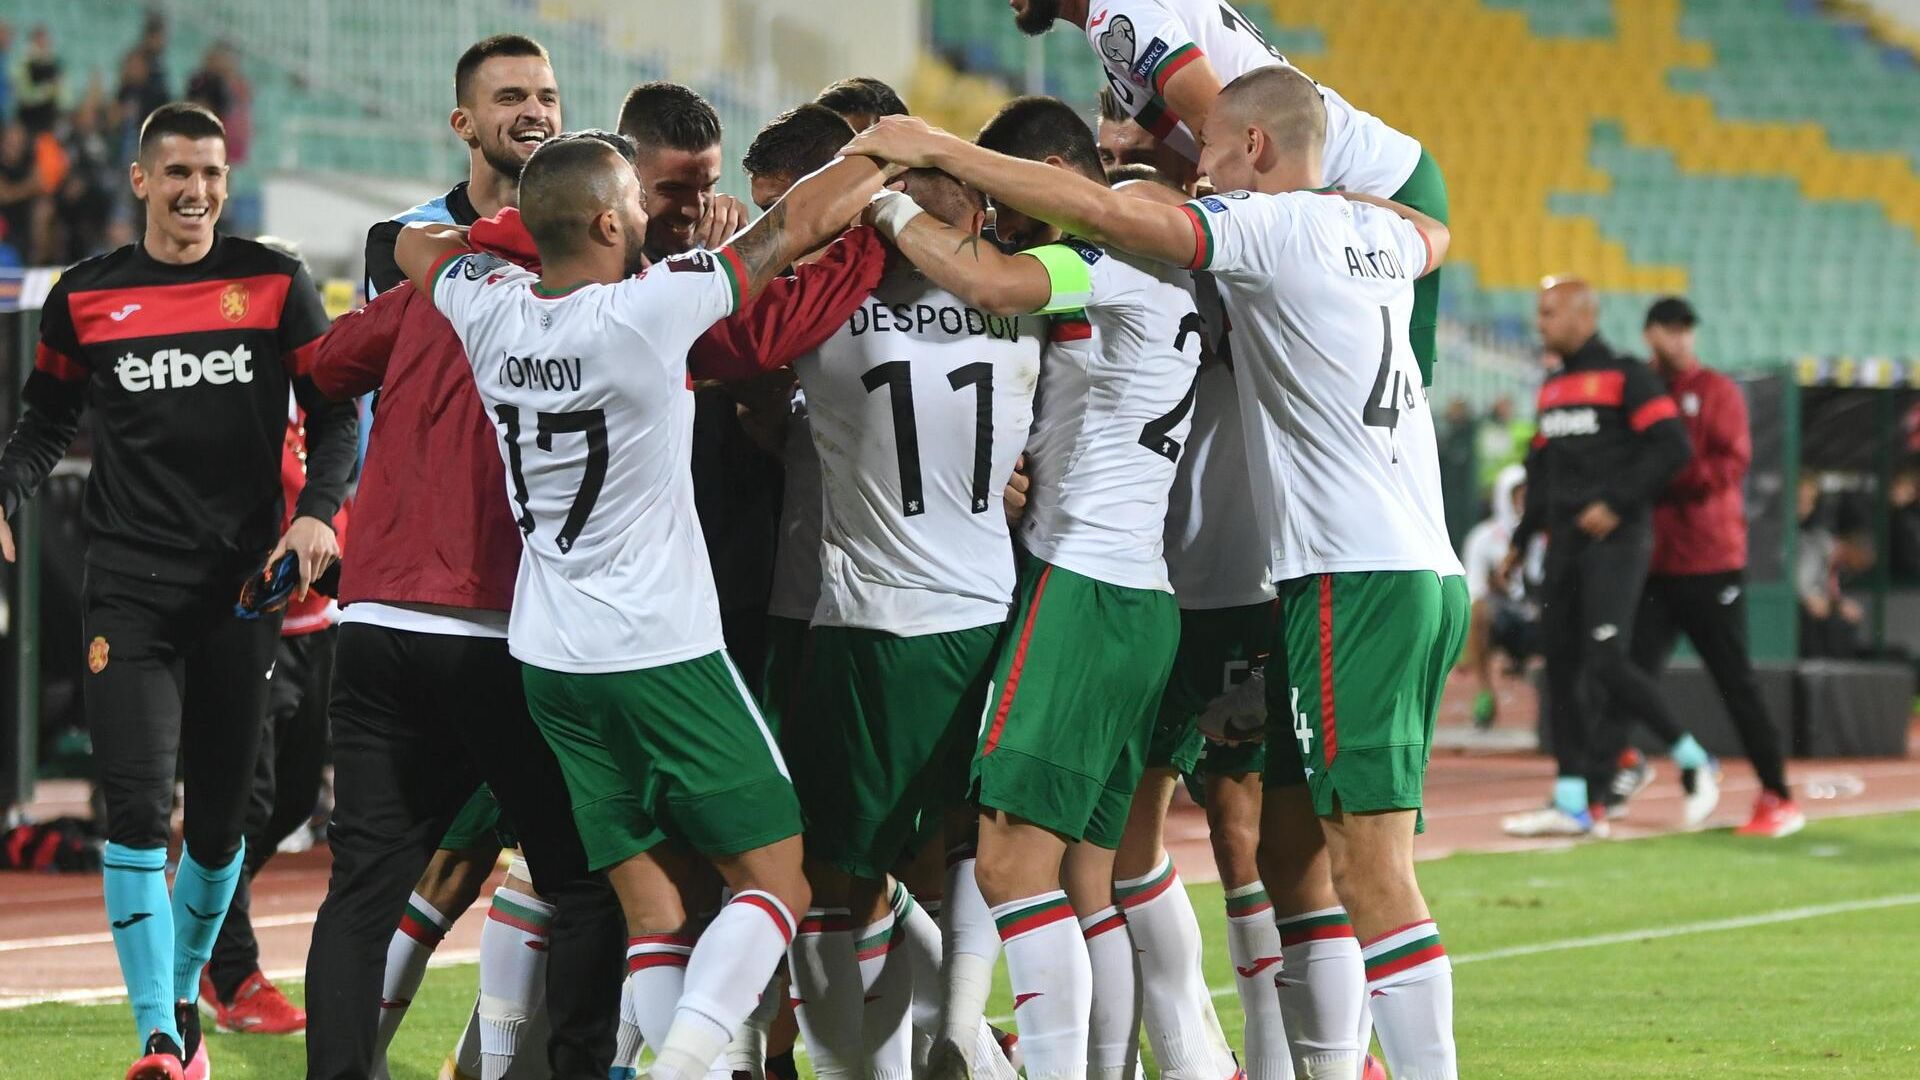 Националният отбор по футбол се изкачи с пет места, изпревари и Северна Македония